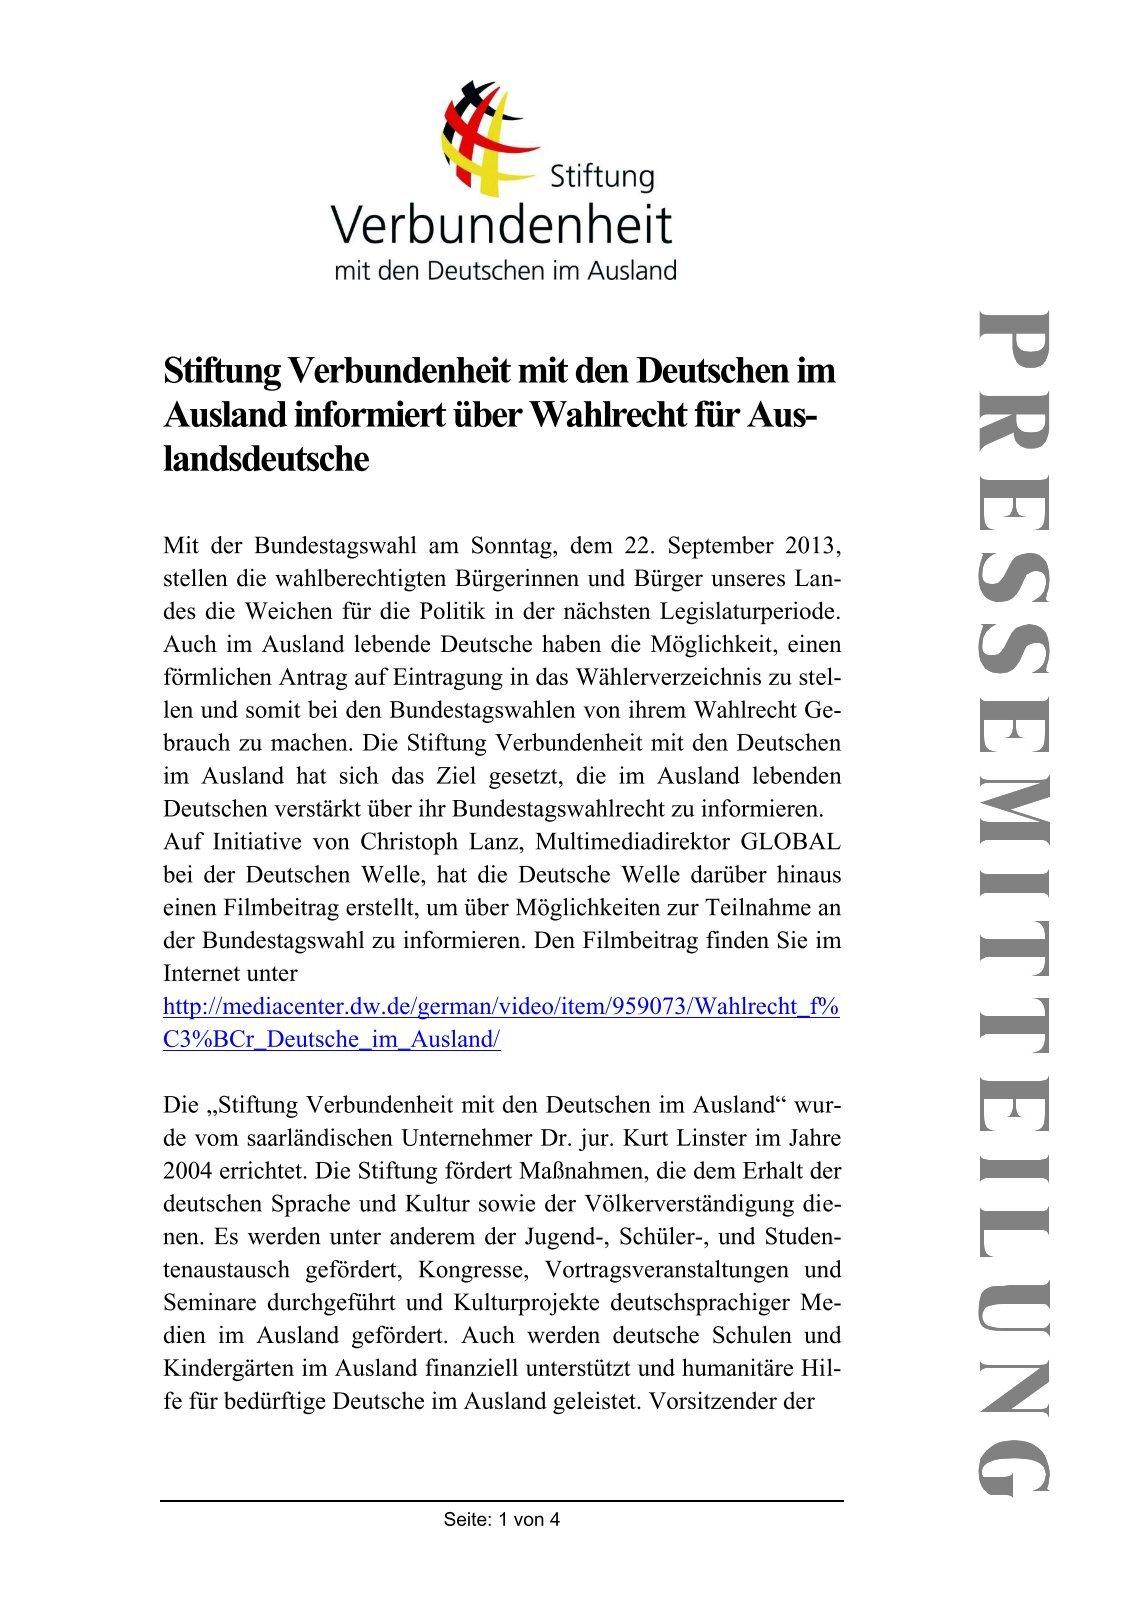 Charmant Anatomie Einer Pressemitteilung Zeitgenössisch - Anatomie ...